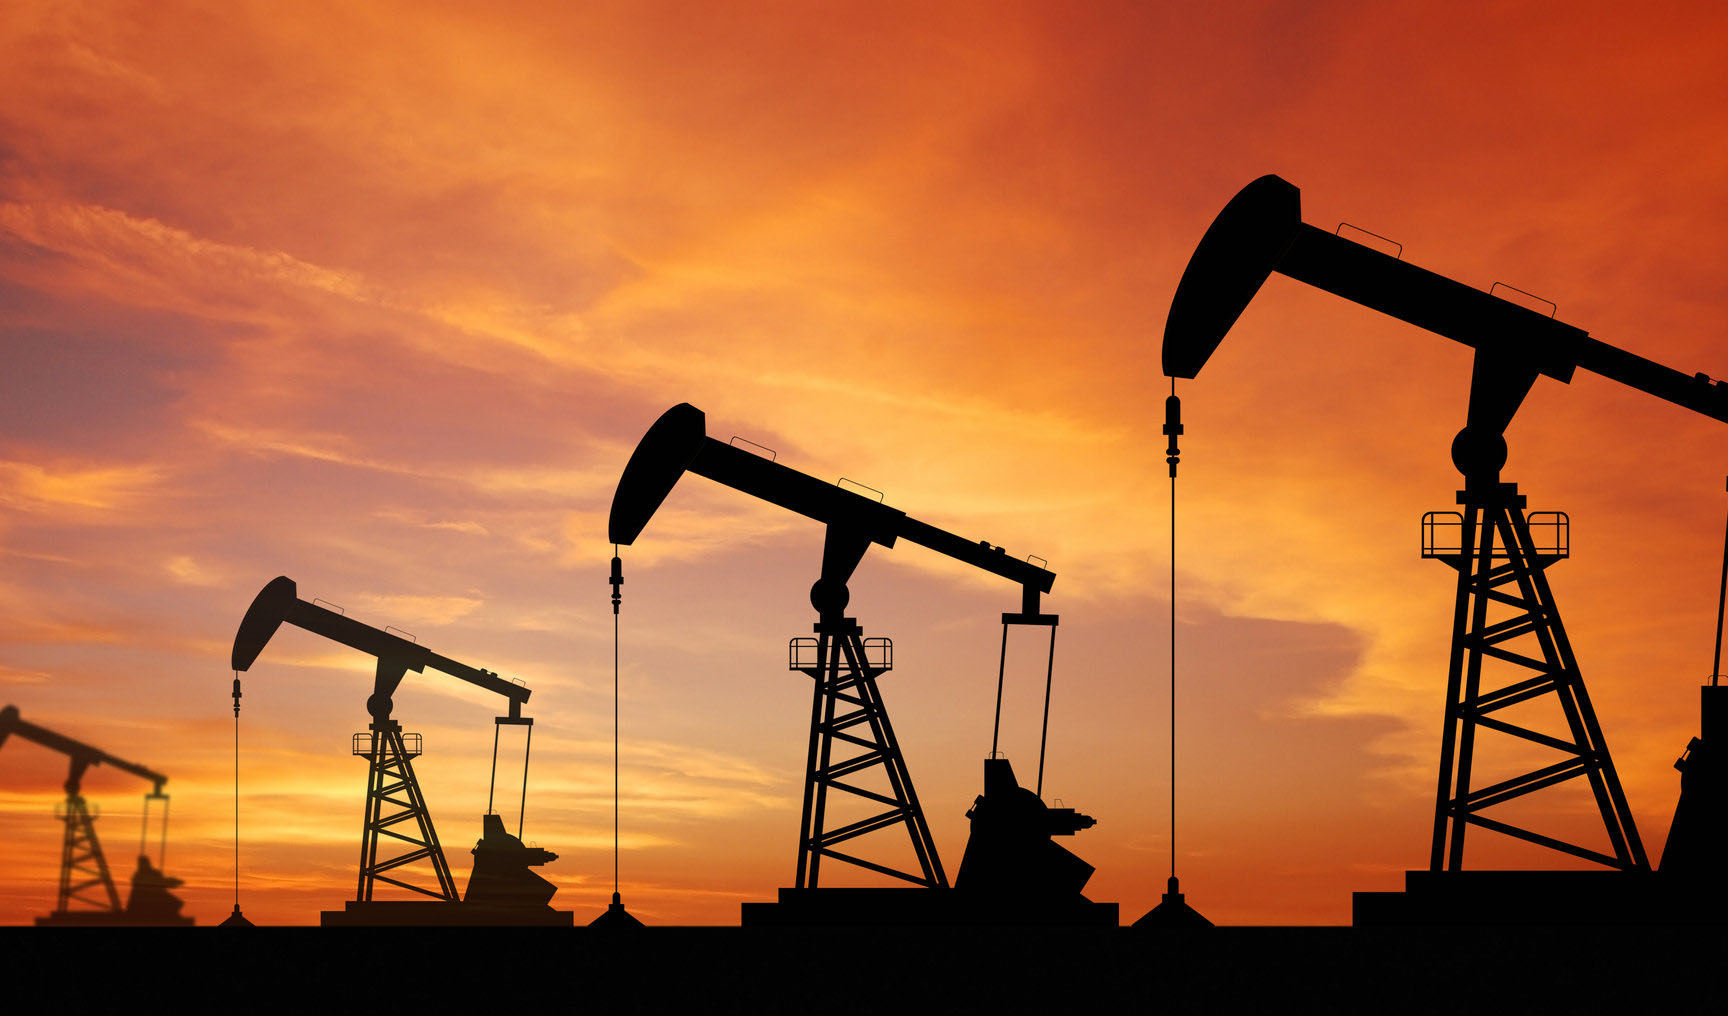 افزایش قیمت نفت در پی کاهش ذخایر سوخت آمریکا و در آستانه آغاز تحریمهای ایران